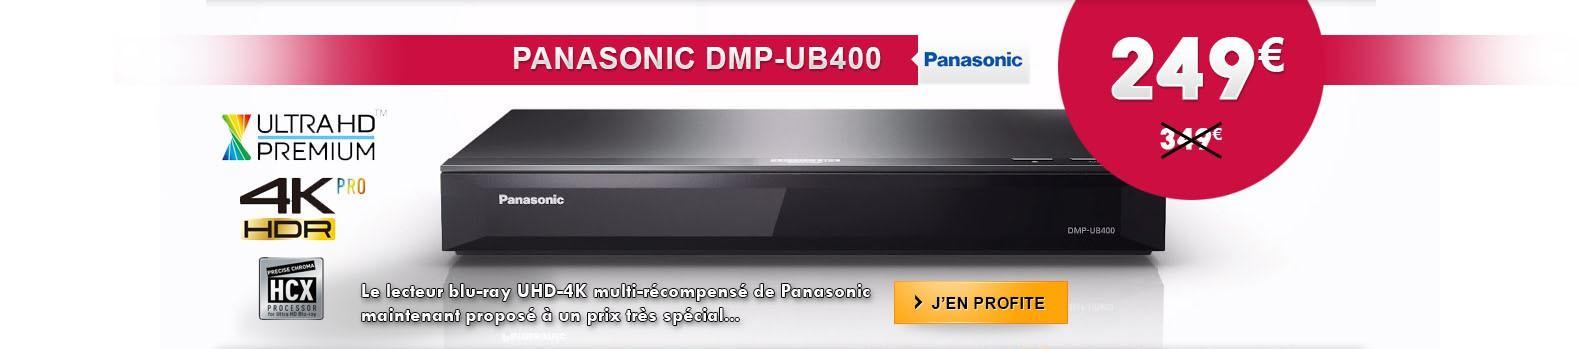 Promo sur le lecteur Blu-ray 4K-UHD Panasonic DMP-UB400